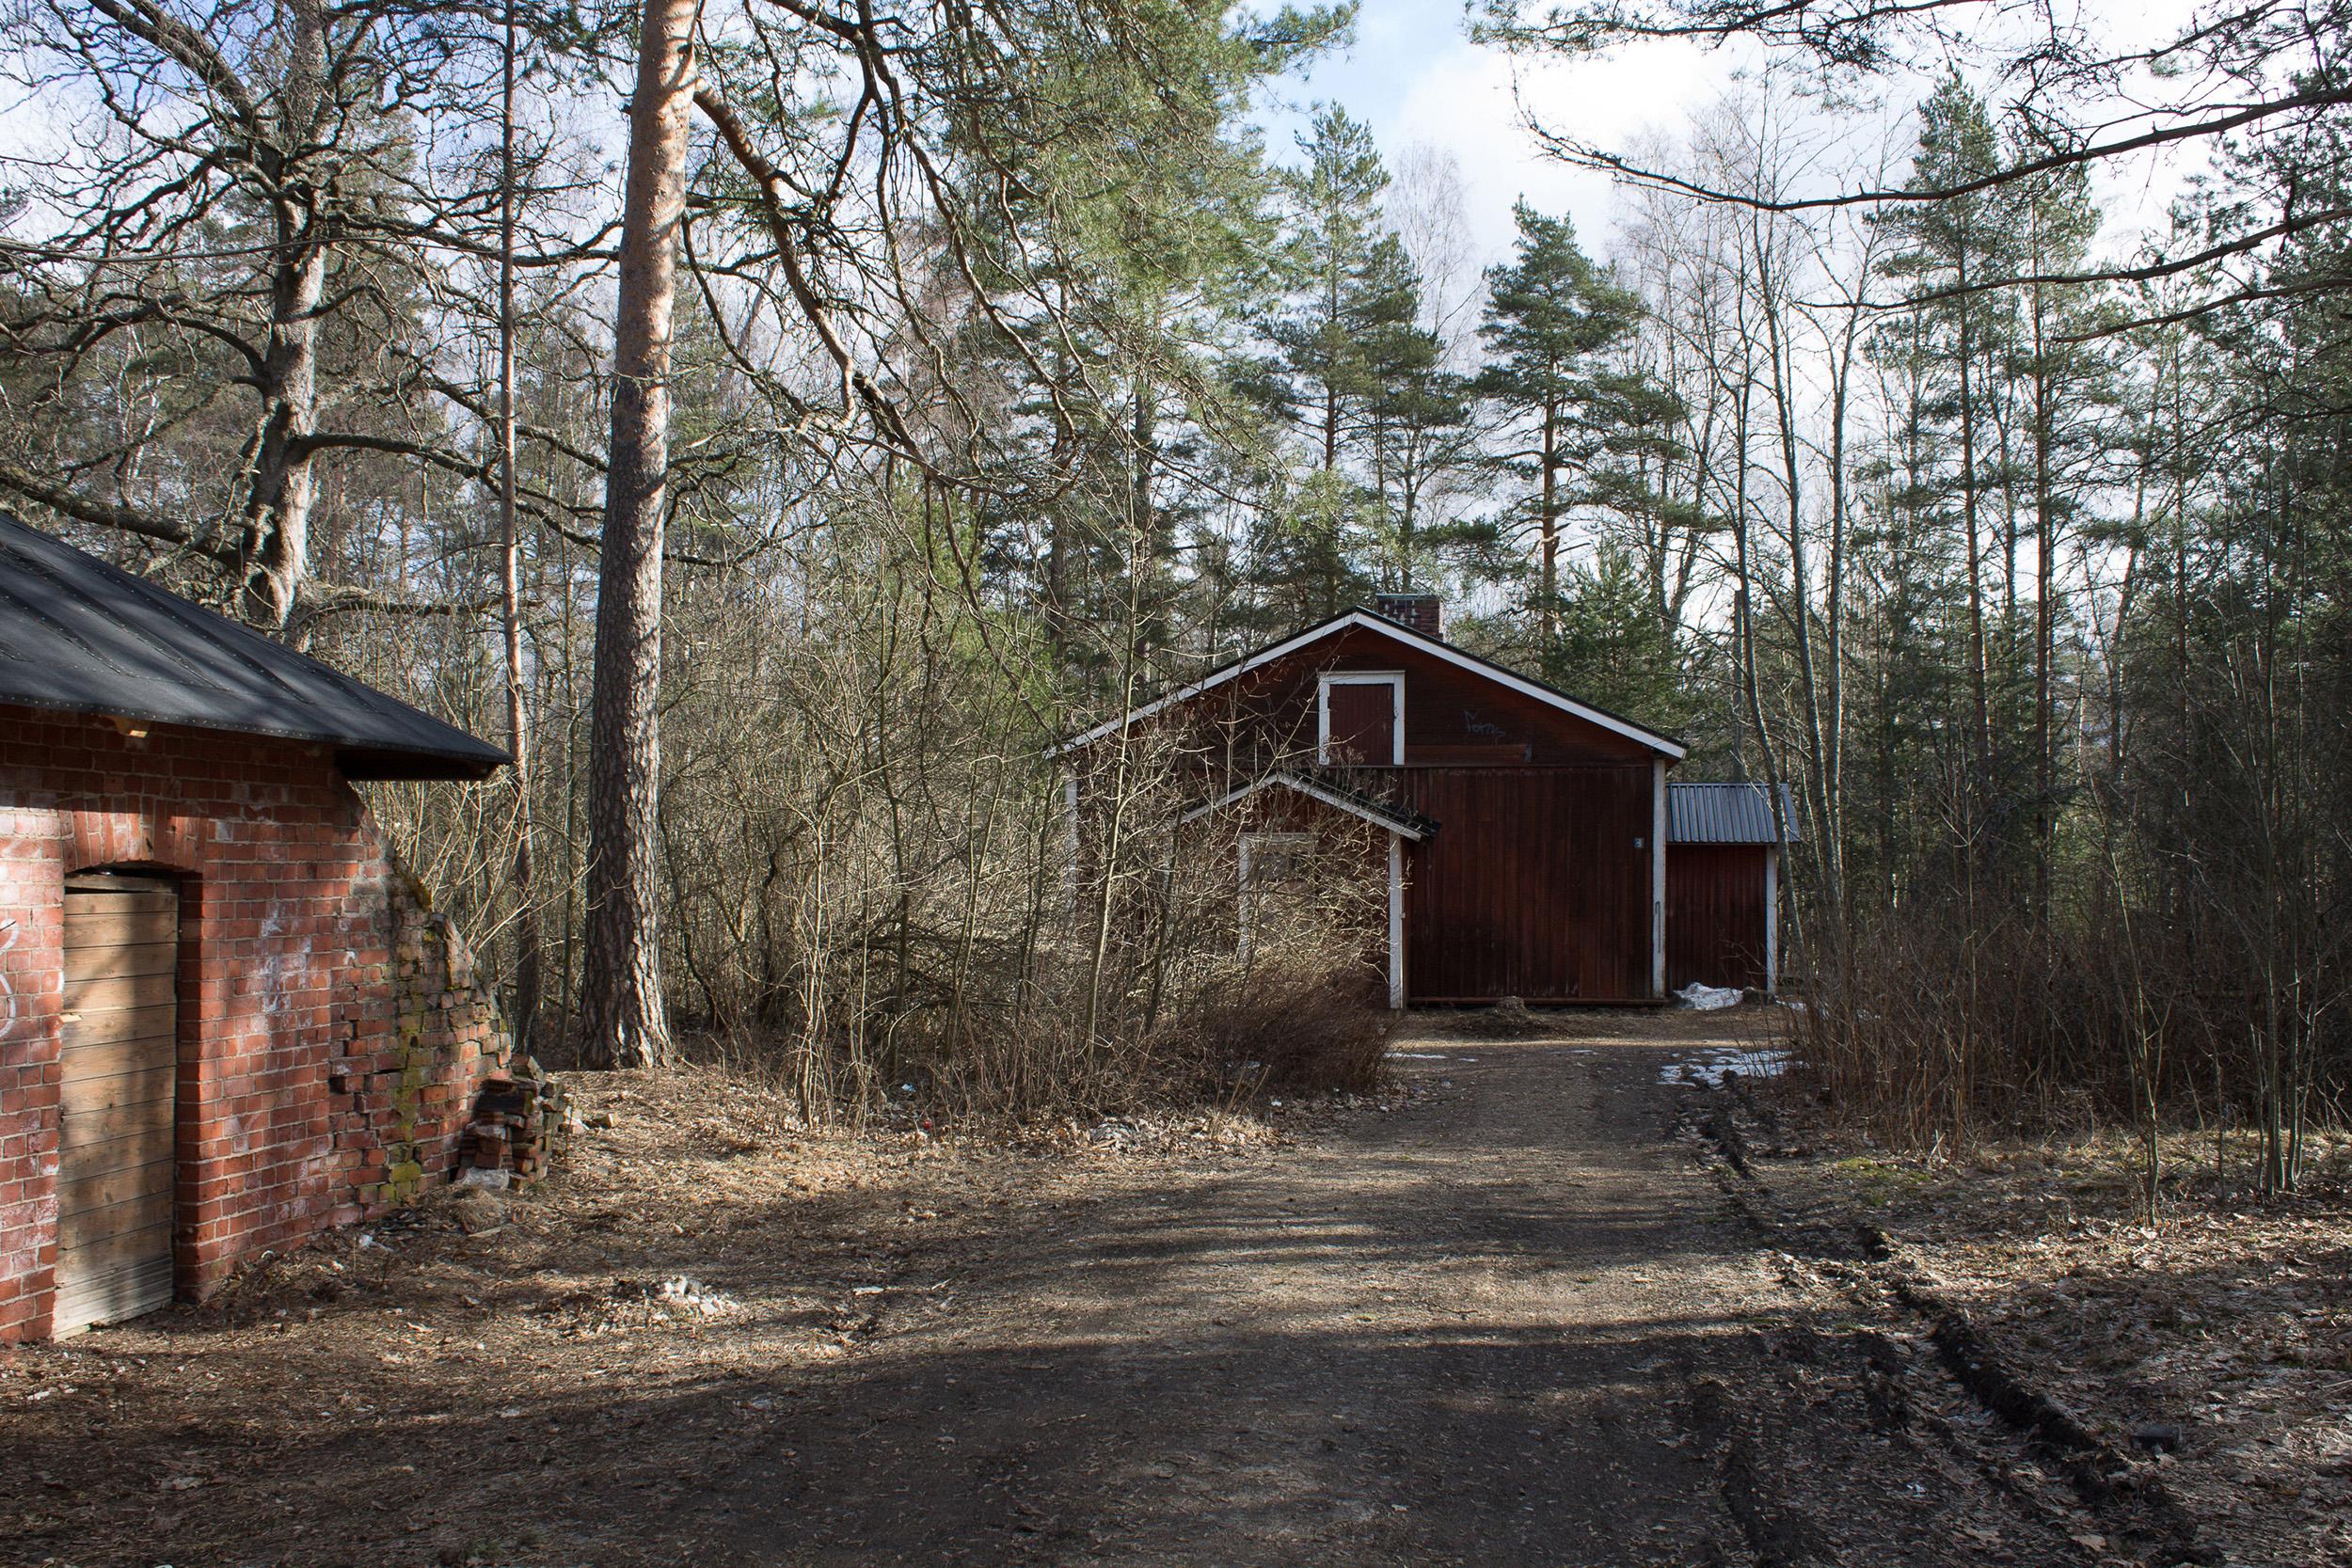 Vanhoja rautatierakennuksia ja puita Hyvinkään Koritsooninmäellä.